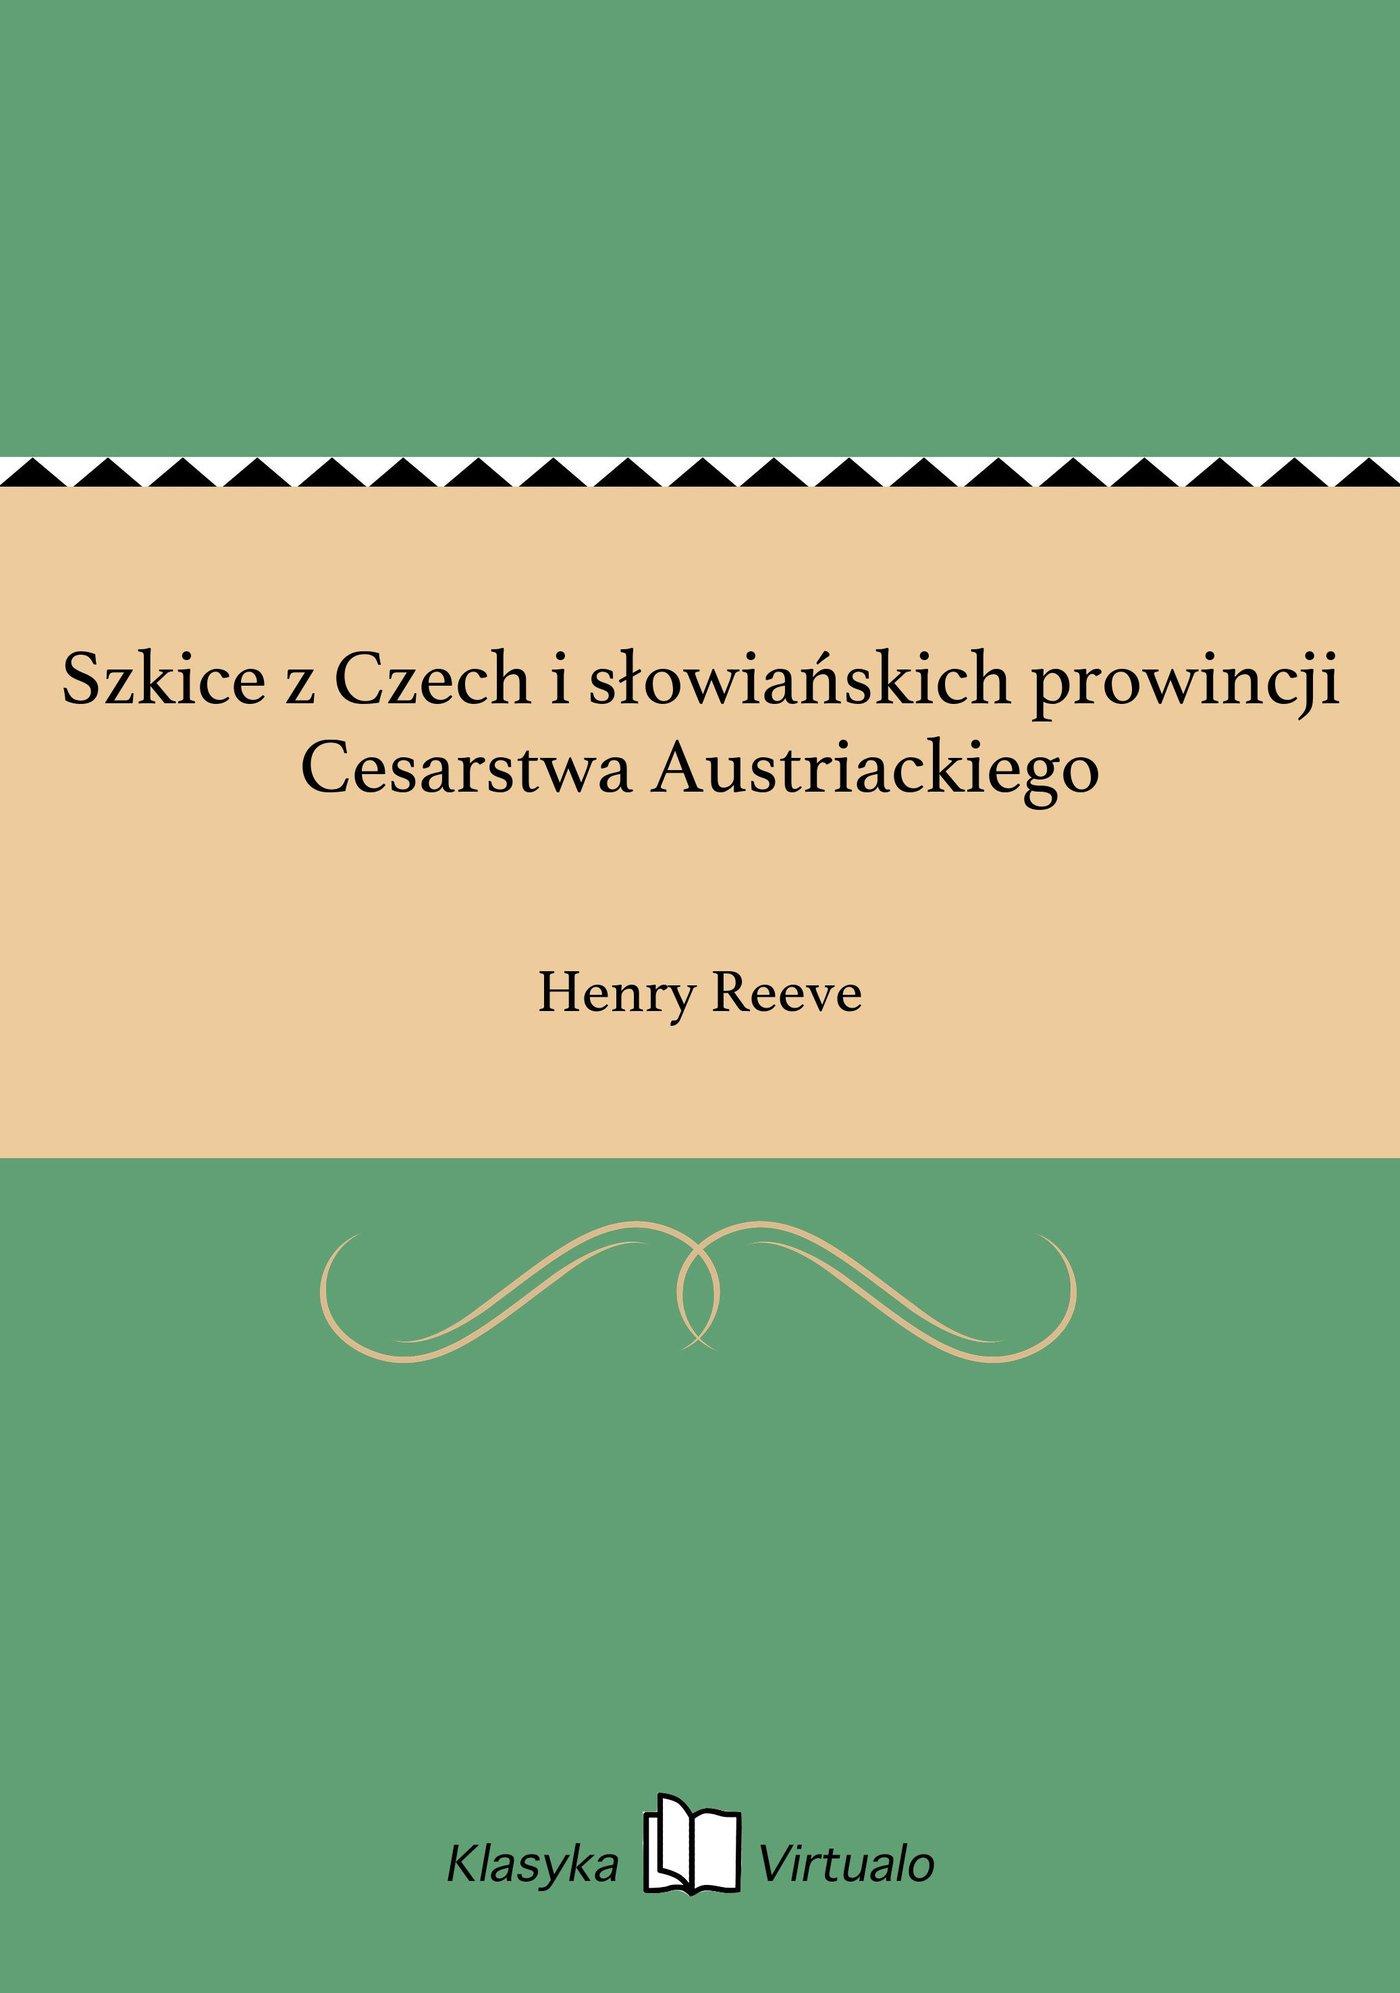 Szkice z Czech i słowiańskich prowincji Cesarstwa Austriackiego - Ebook (Książka EPUB) do pobrania w formacie EPUB